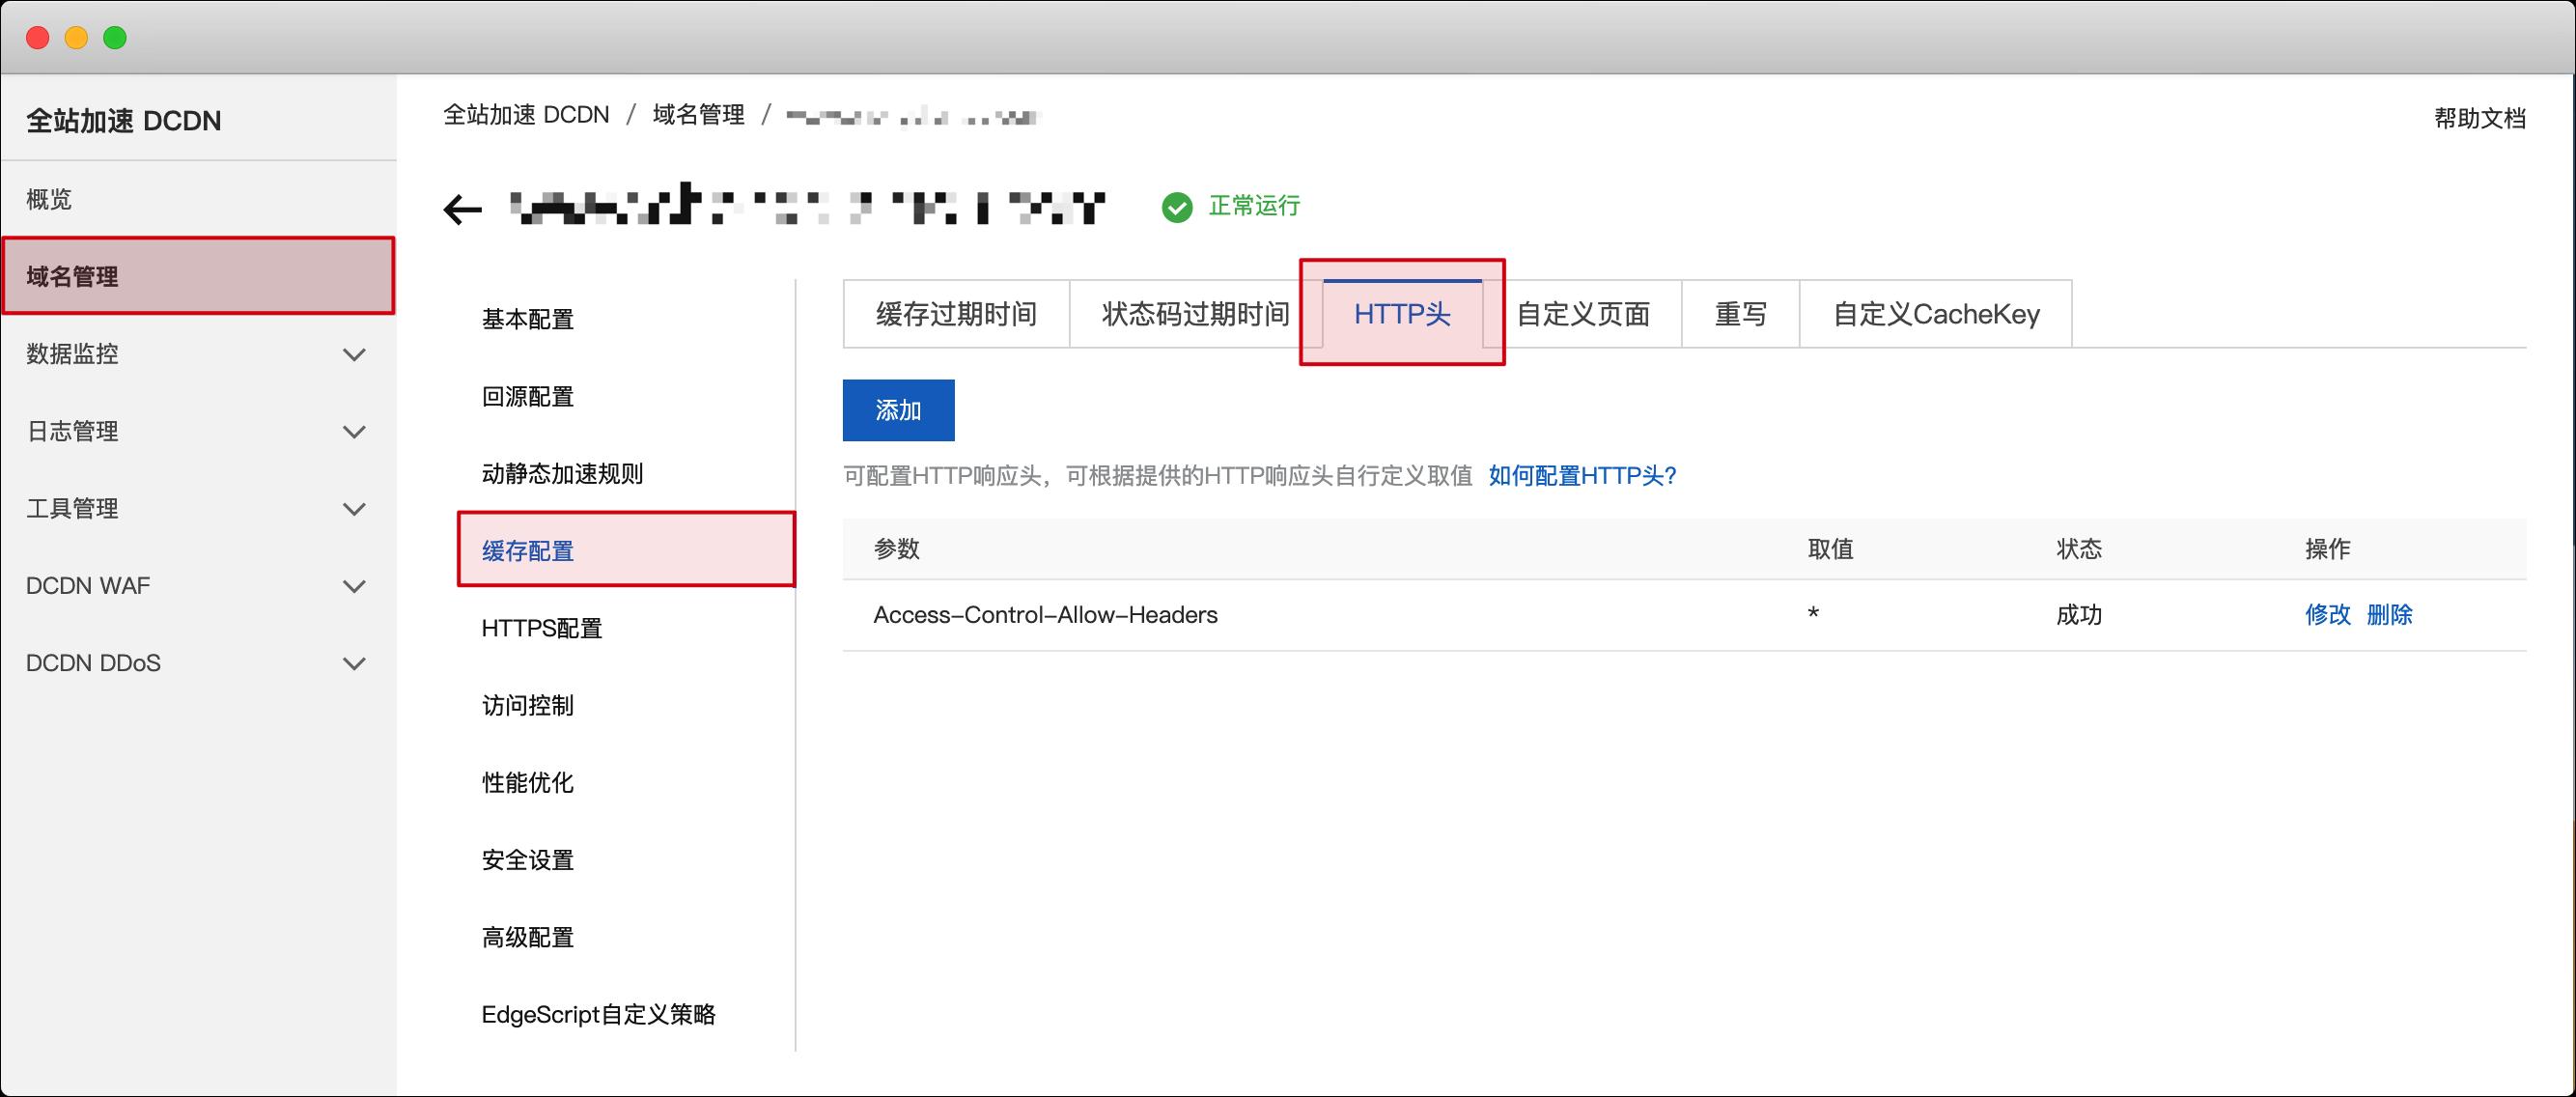 阿里云 CDN 跨域问题: No 'Access-Control-Allow-Origin' header is present on the requested resource-苏醒